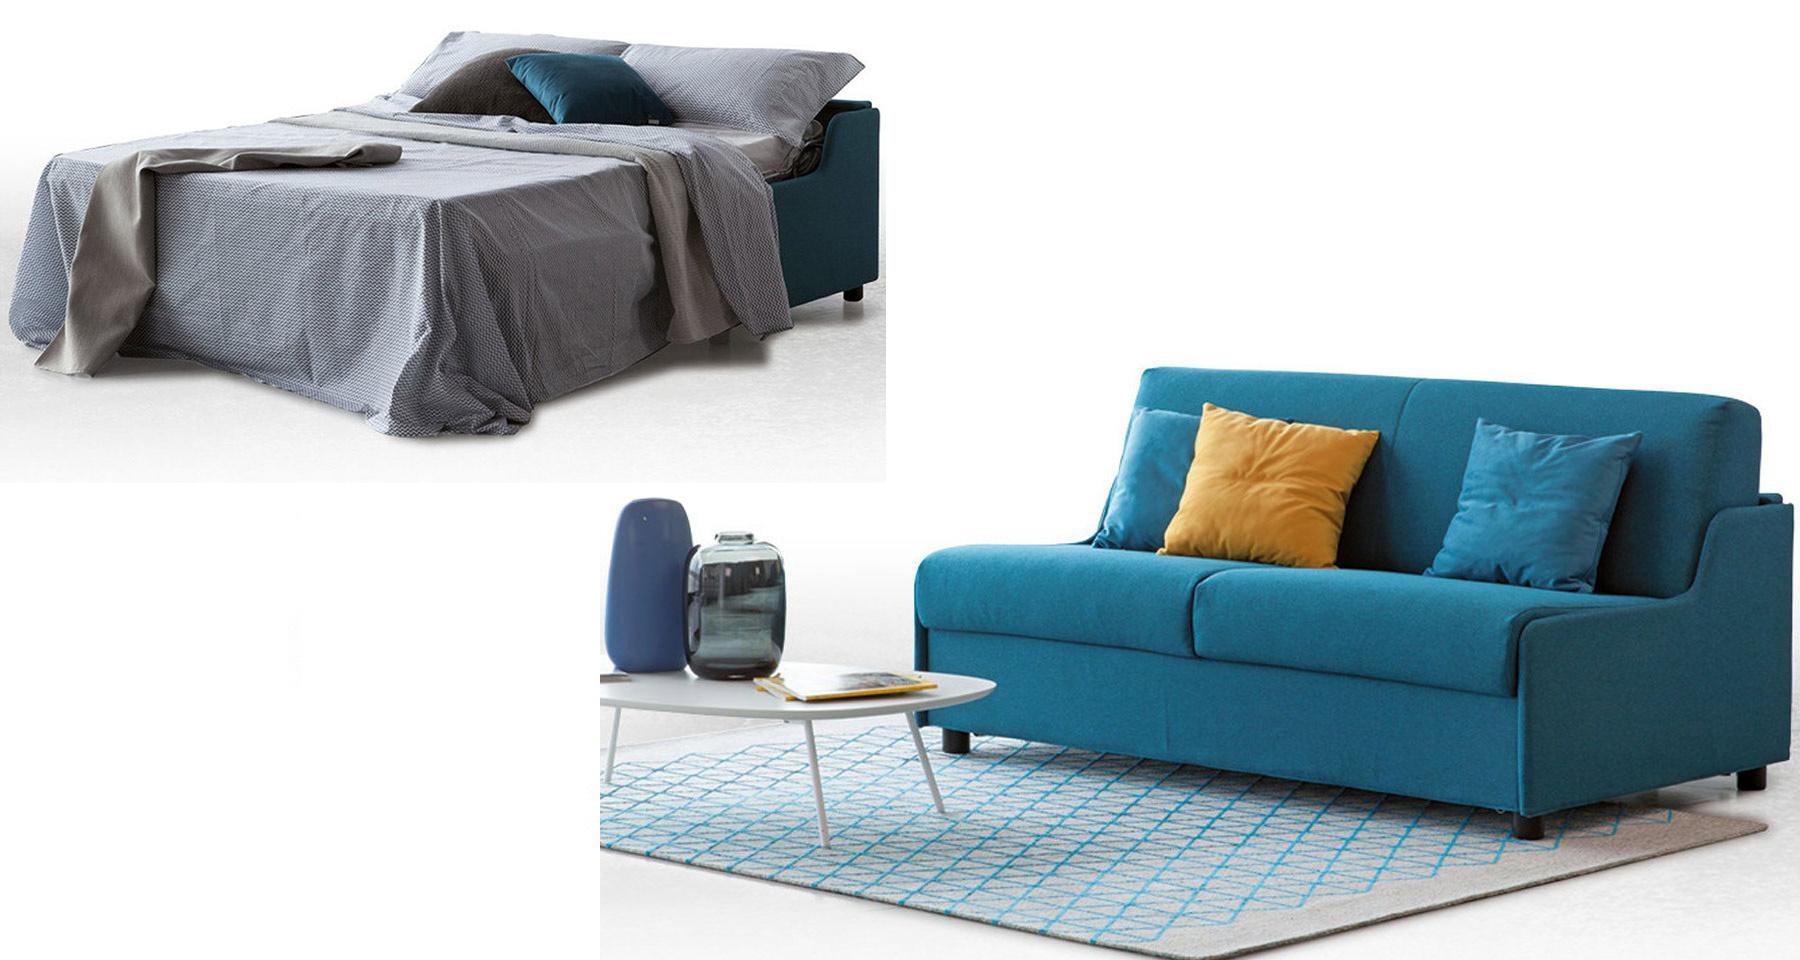 Canapé-lit Ristretto sans accoudoirs